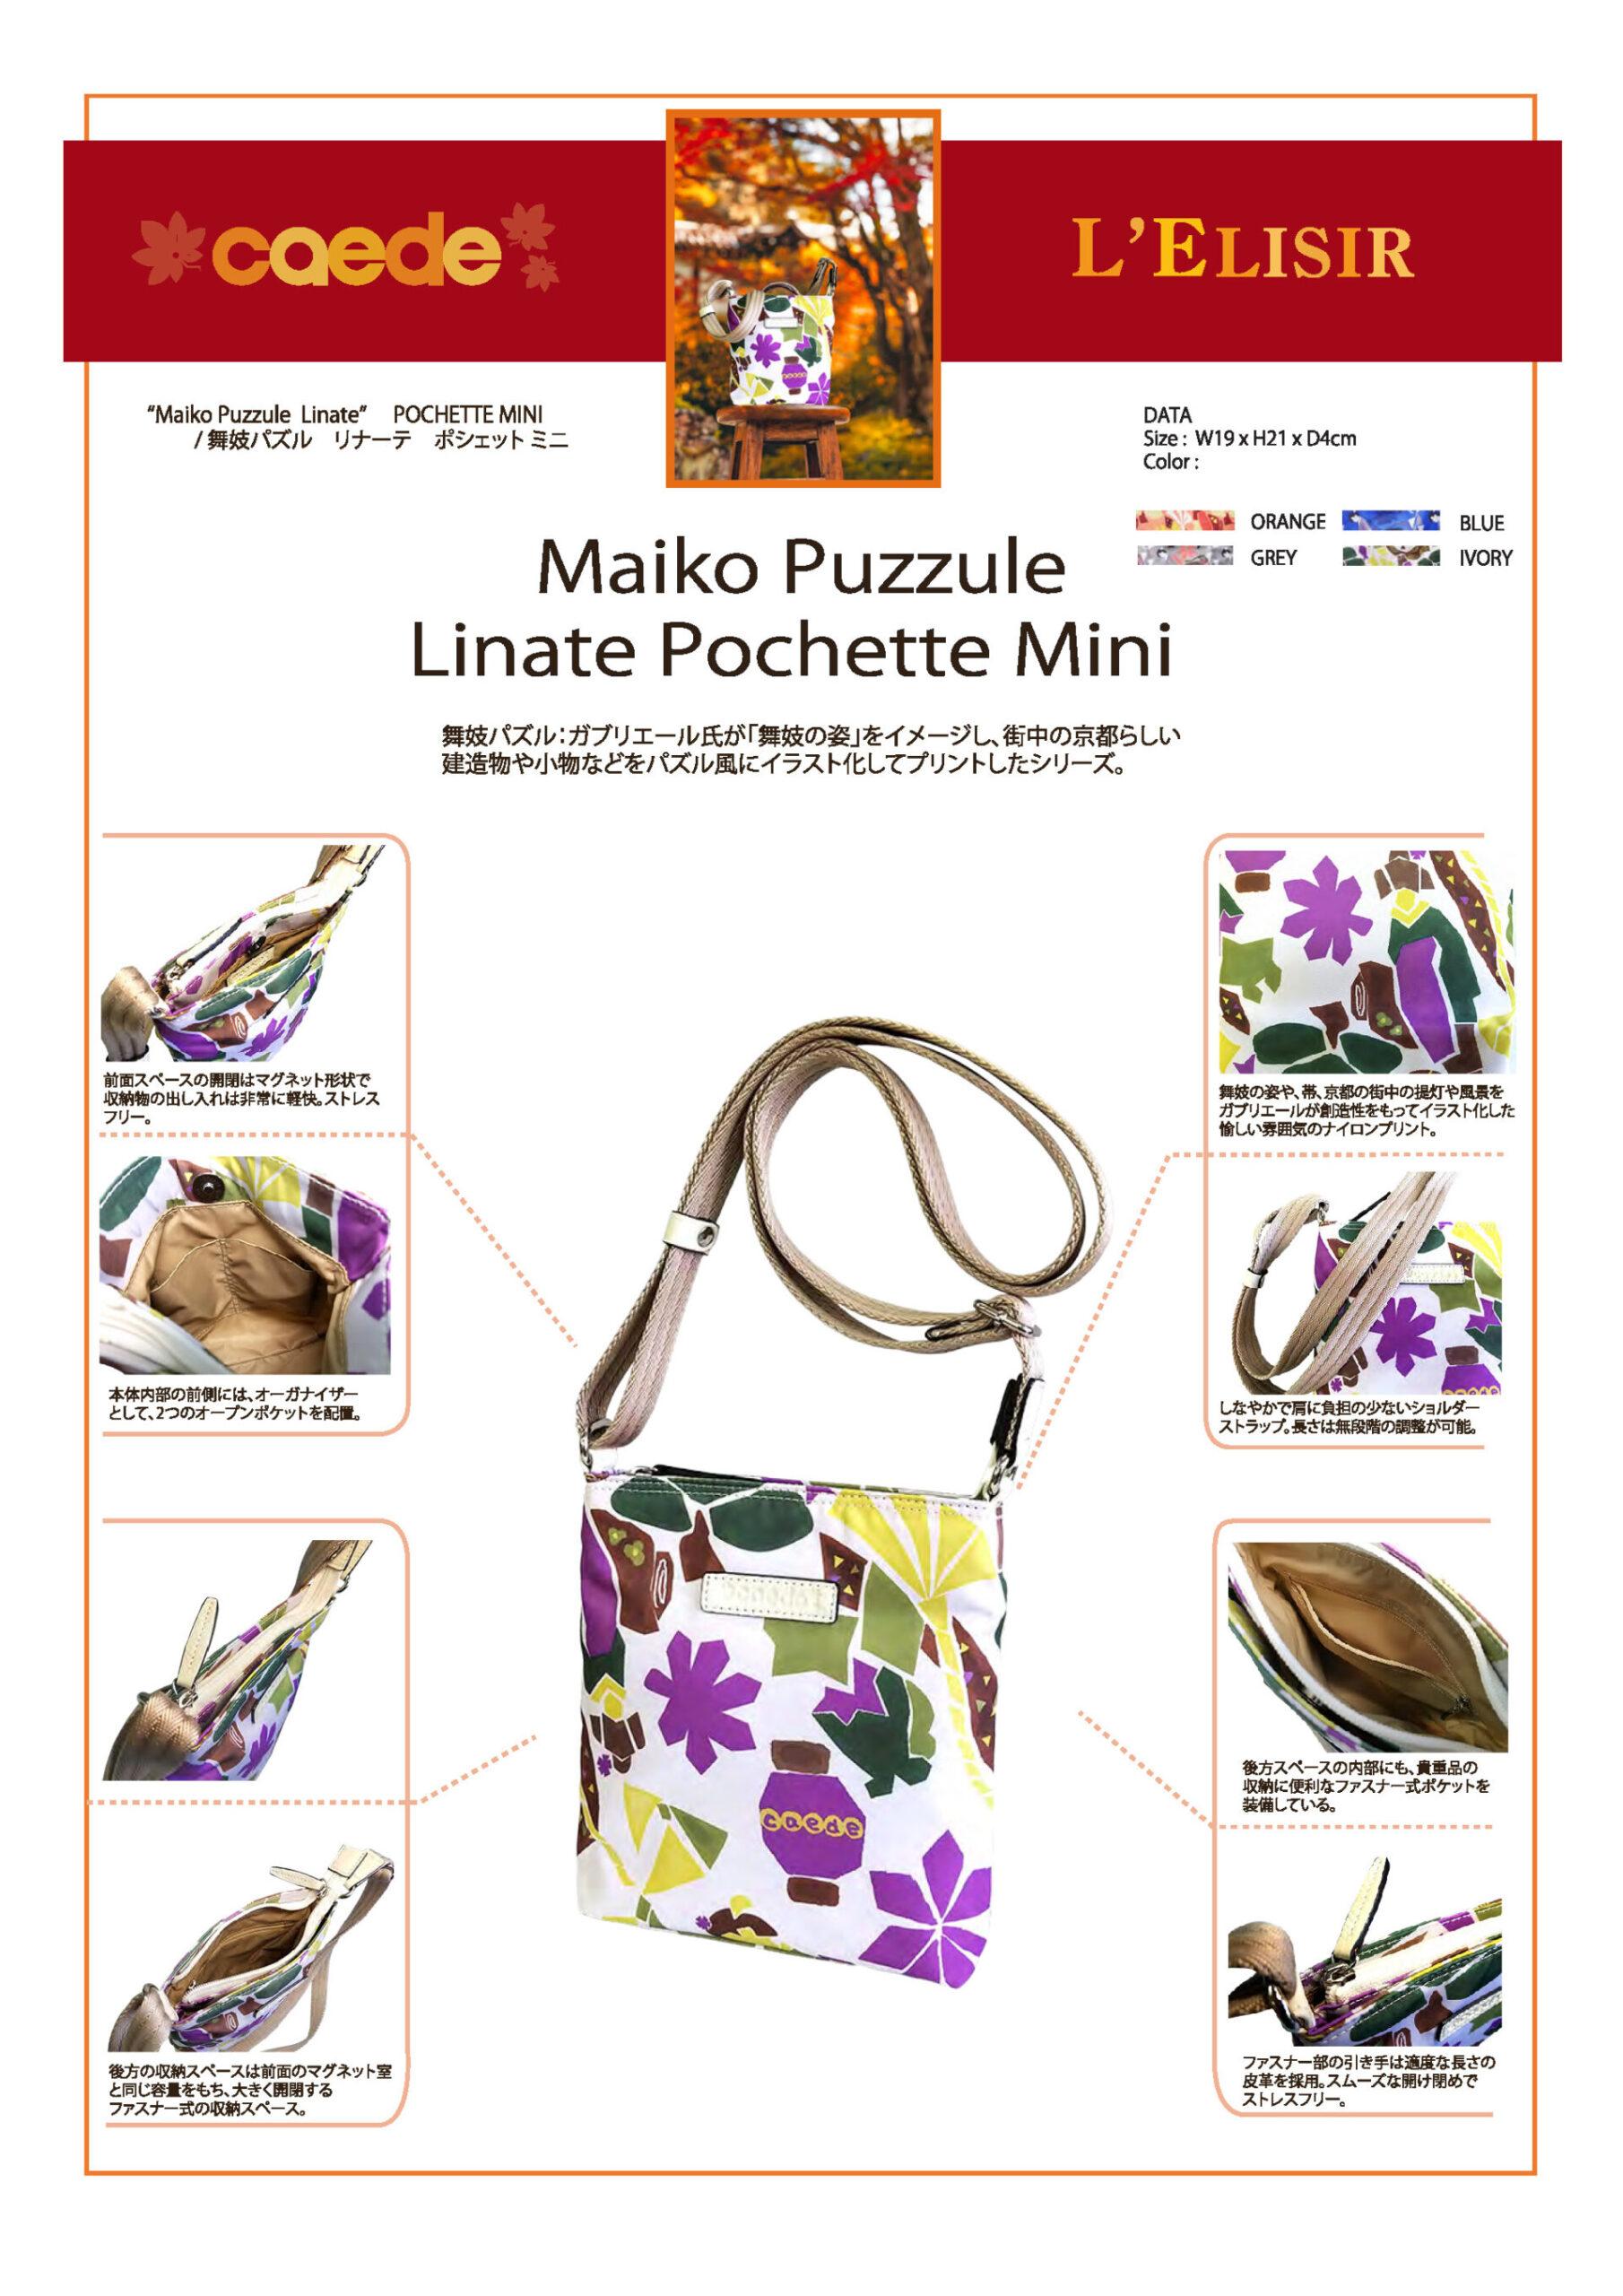 Maiko Puzzle Linate Pochette Mini